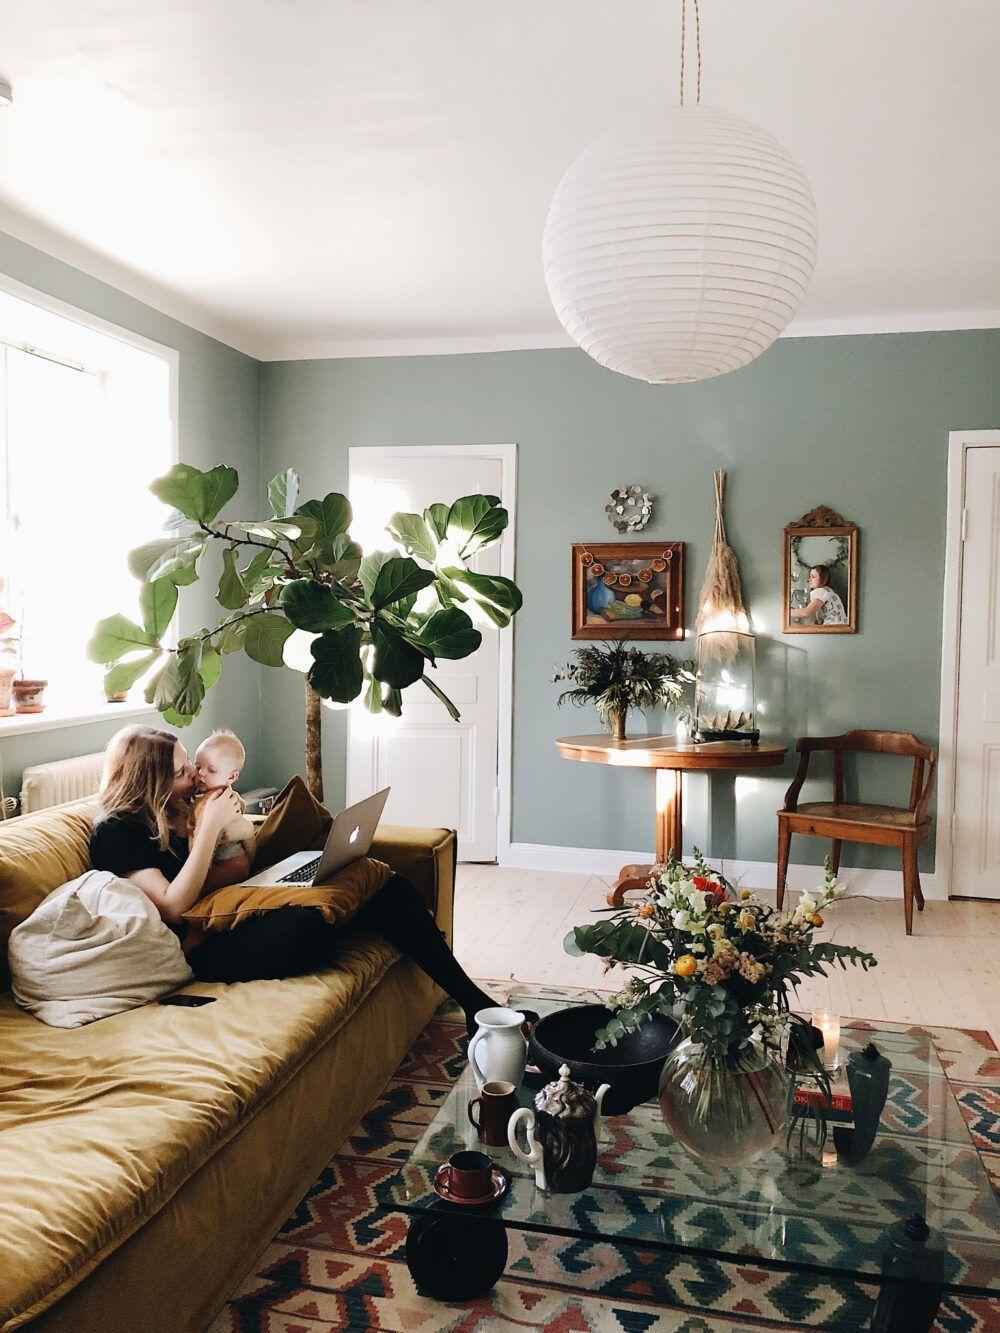 ff888ec3c6ec Elsa Billgren | color and interior design in 2019 | Elsa, Interior ...